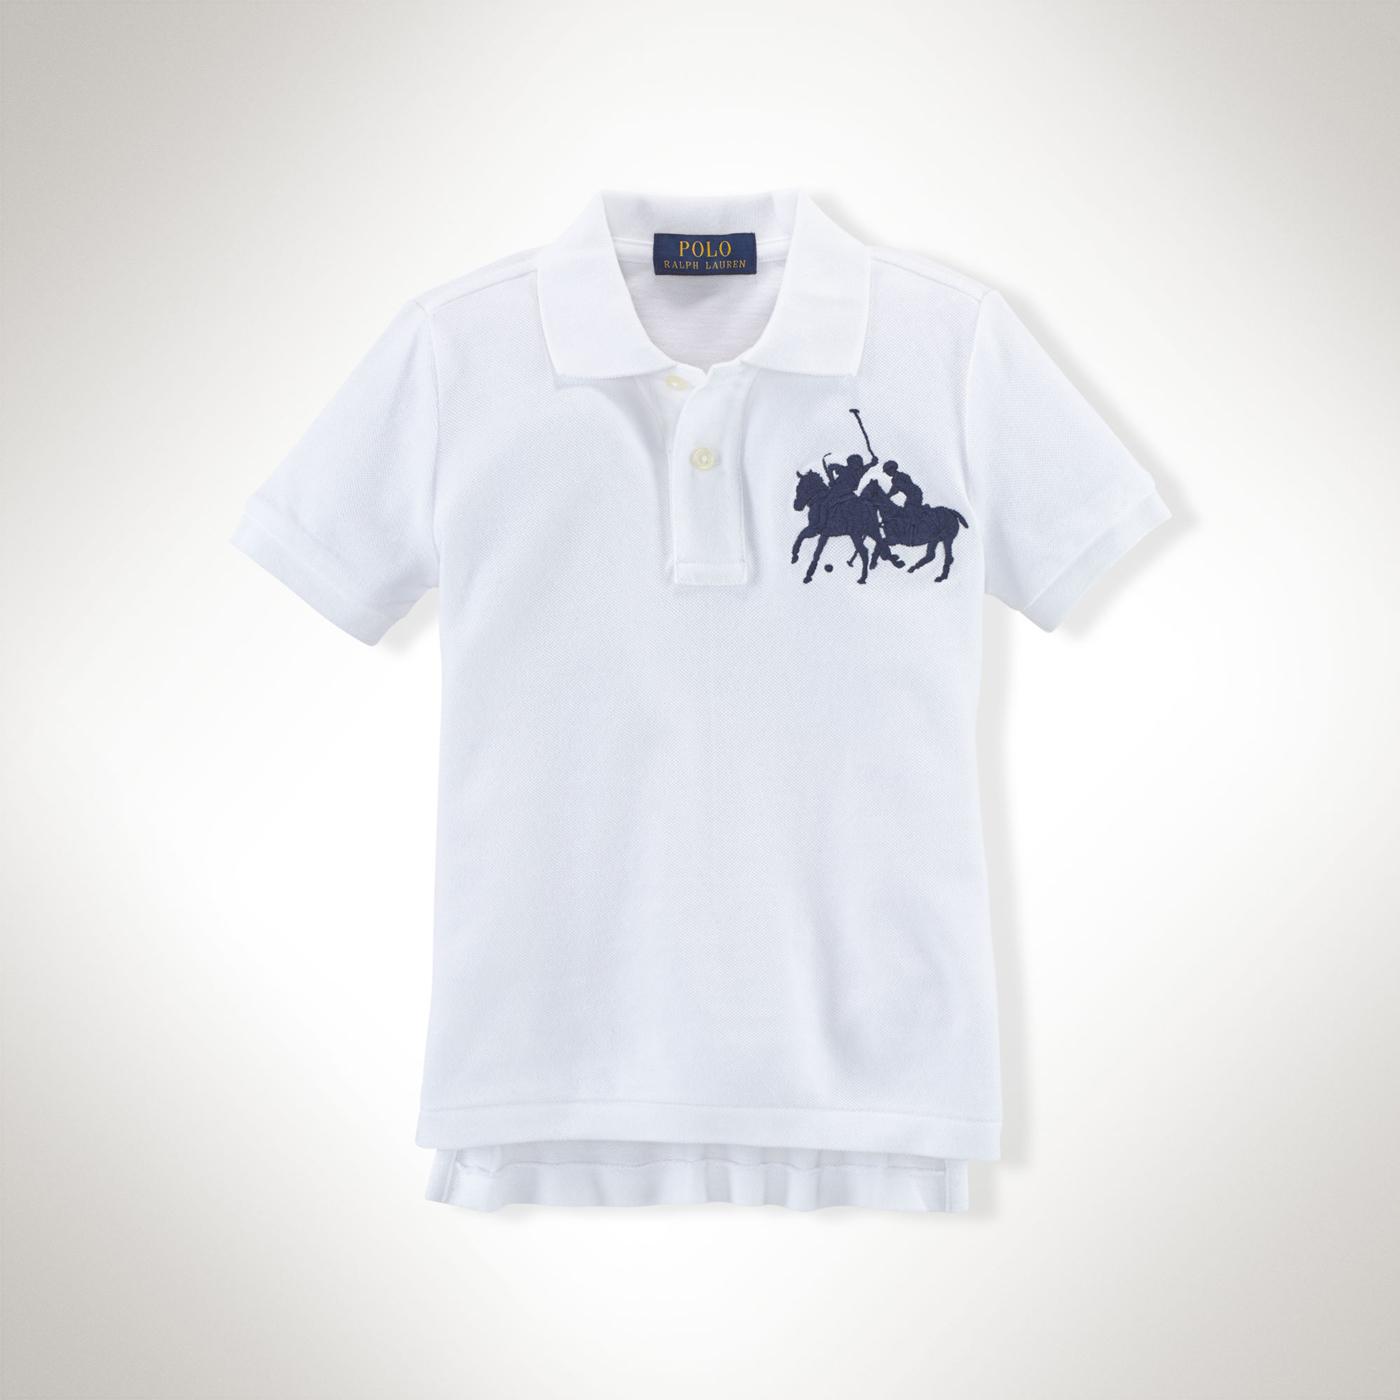 美國百分百【全新真品】Ralph Lauren Polo衫 RL 大馬 群馬 男 白色 短袖 上衣 XS S號 F410